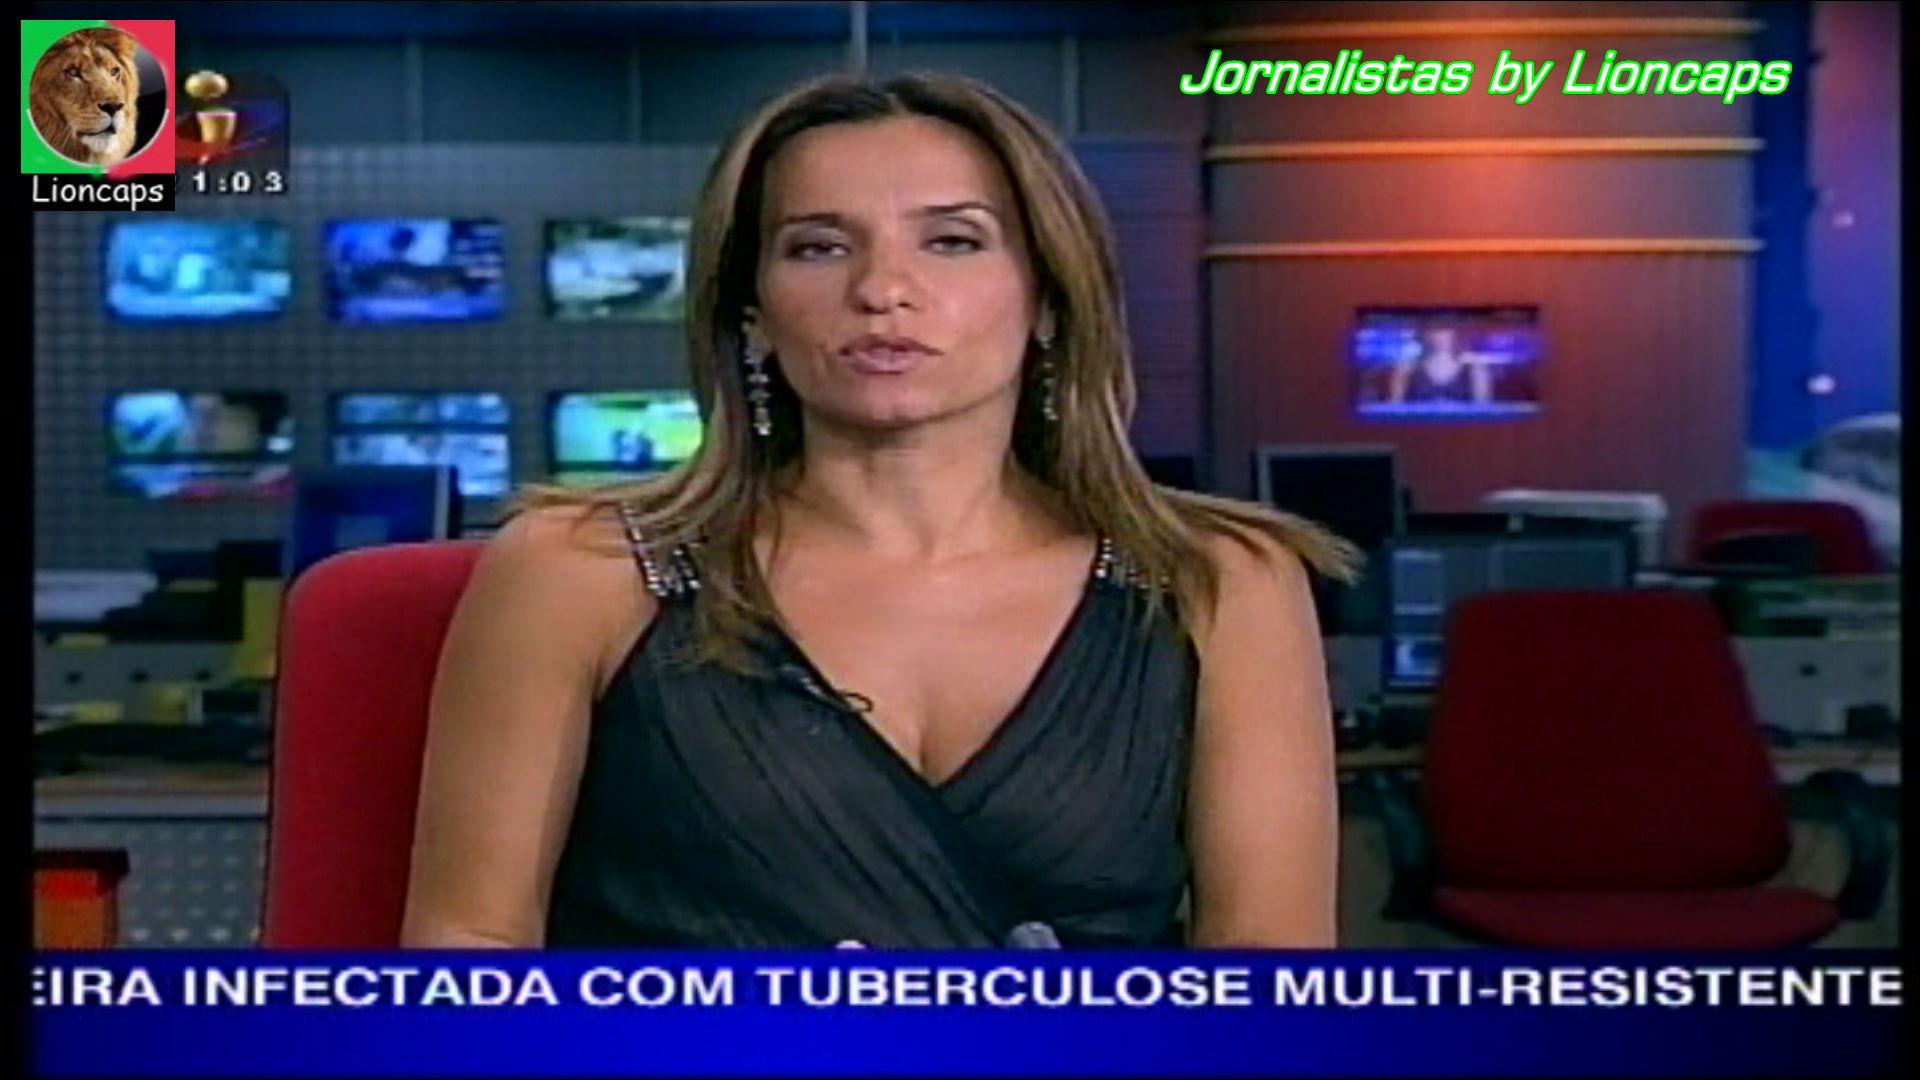 177378404_jornalistas_vs170923_04164_122_139lo.JPG